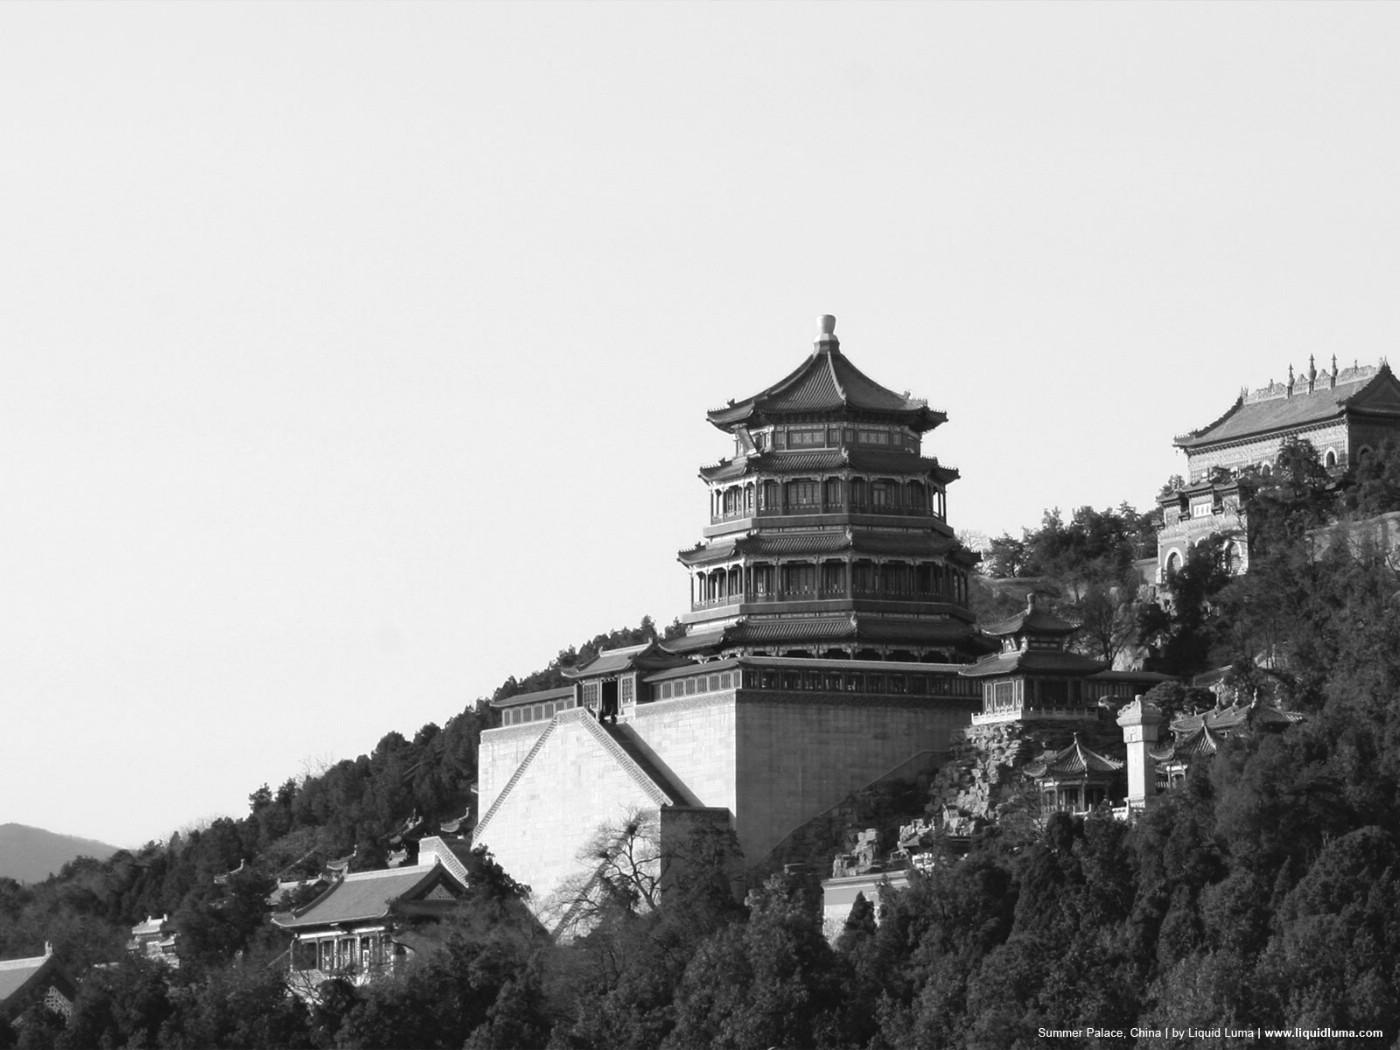 壁纸1400×1050纯粹的光影美学 人文建筑黑白摄影壁纸 Summer Palace China 北京颐和园桌面壁纸壁纸 纯粹的光影美学人文建筑黑白摄影壁纸壁纸图片人文壁纸人文图片素材桌面壁纸